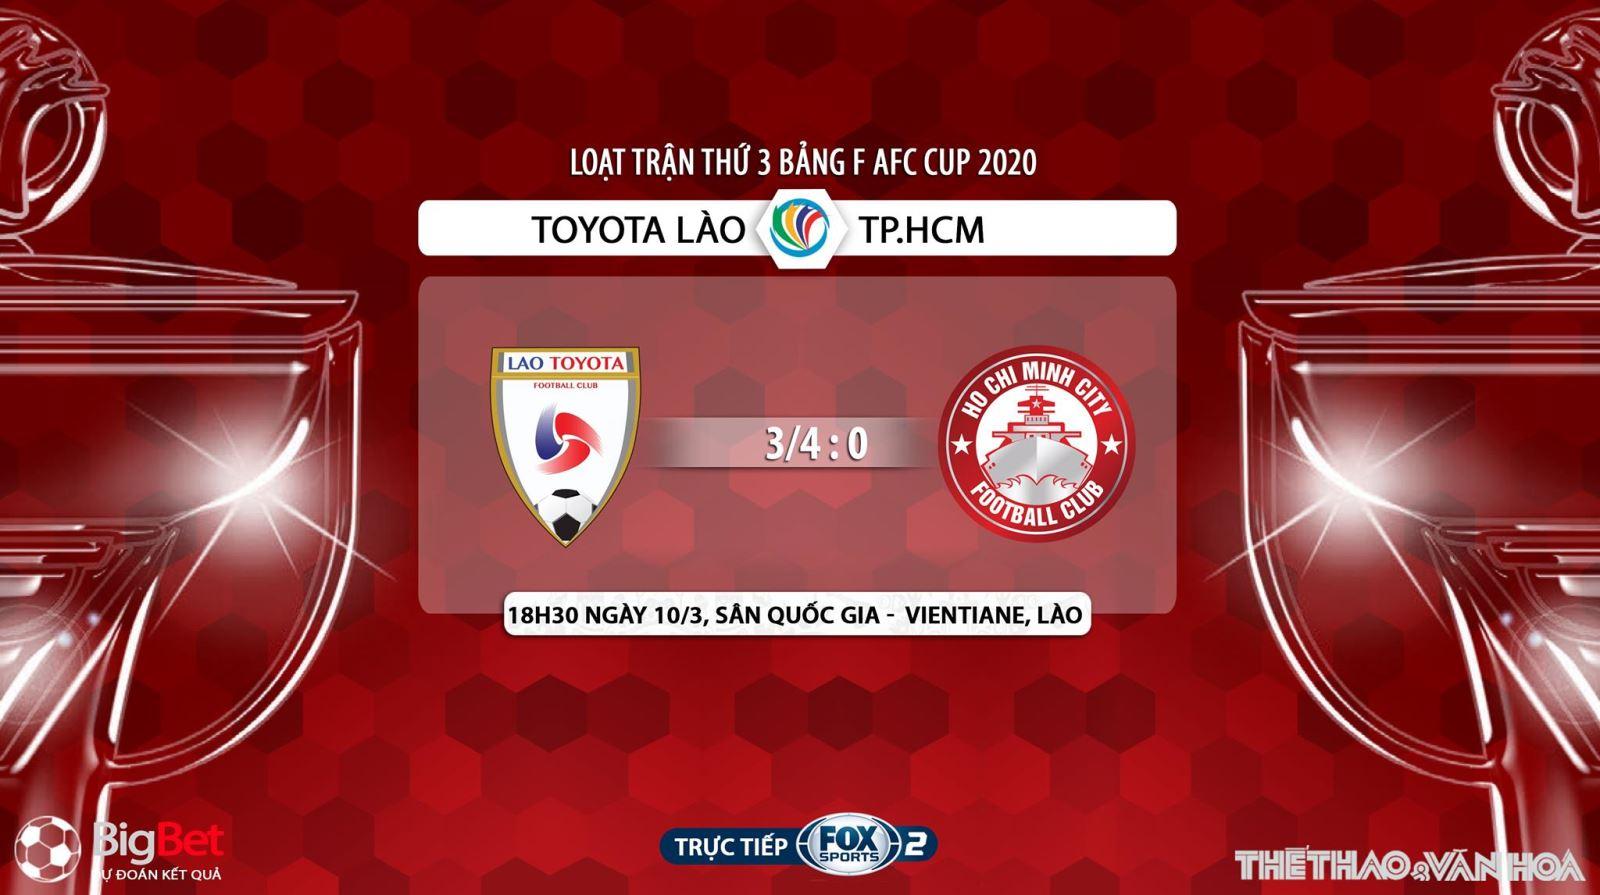 Toyota Lào vs TP.HCM, bóng đá, soi kèo Toyota Lào vs TP.HCM, bong da, trực tiếp Toyota Lào vs TP.HCM, nhận định Toyota Lào vs TP.HCM, Fox Sports, trực tiếp bóng đá, lịch thi đấu bóng đá